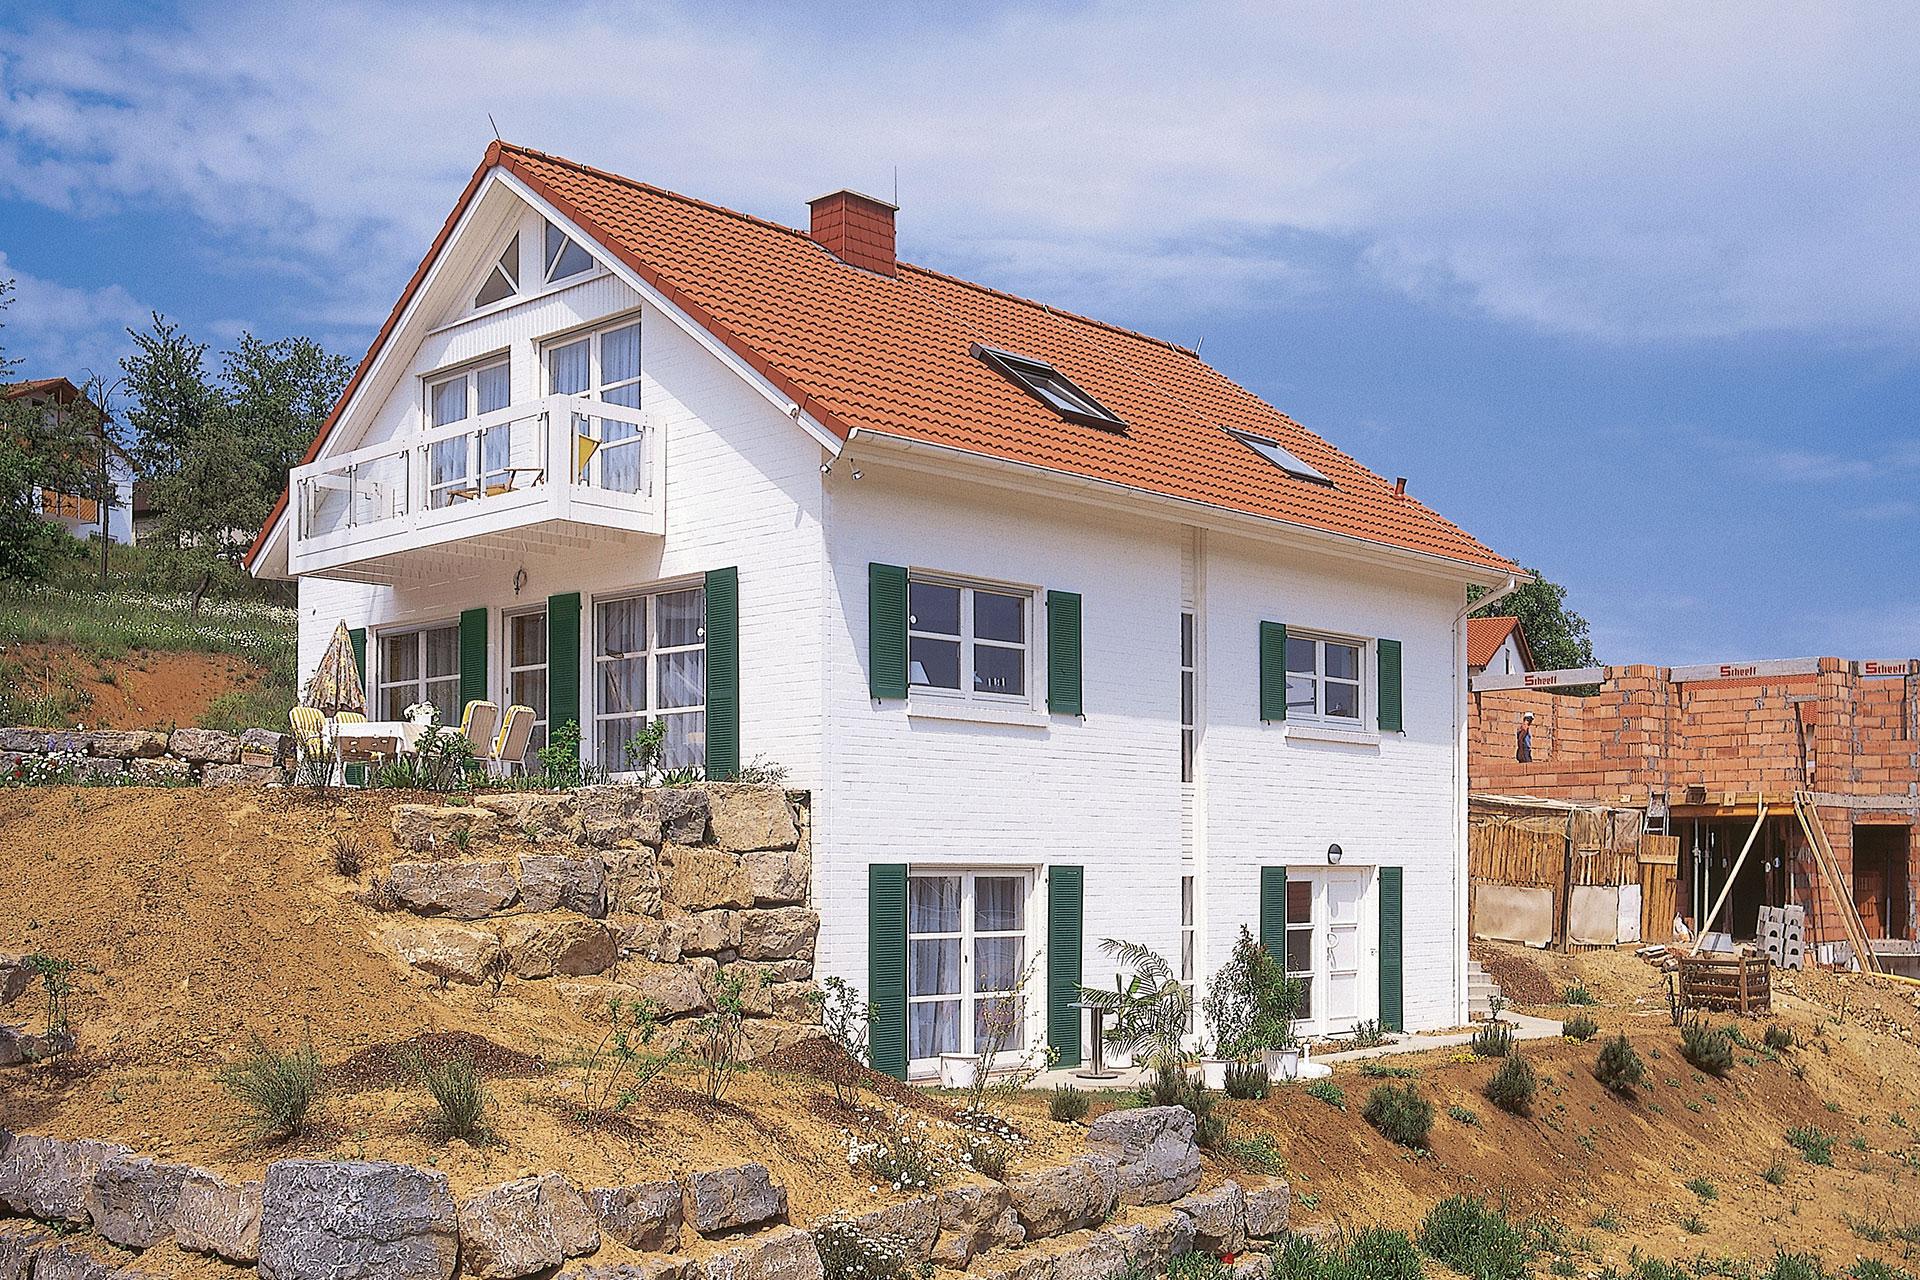 Luxushaus herrenhausen ein fertighaus von gussek haus for Grundrissbeispiele einfamilienhaus